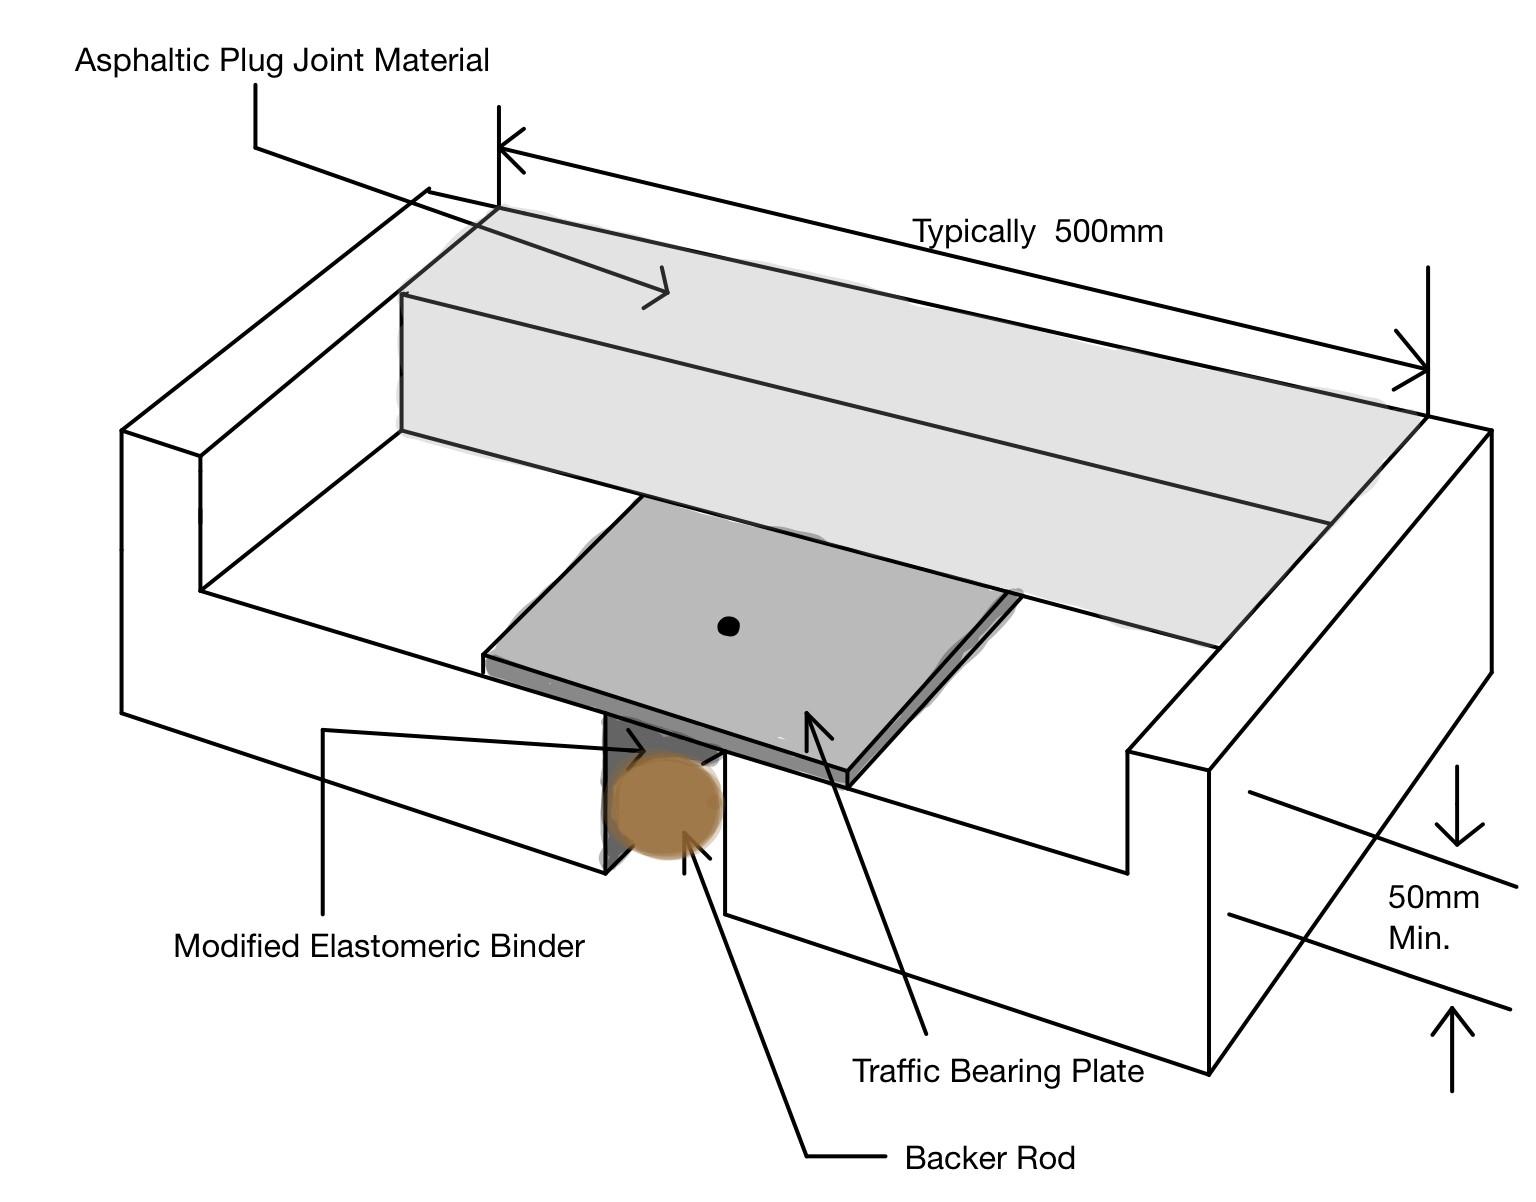 Asphaltic Plug Joints (APJ)